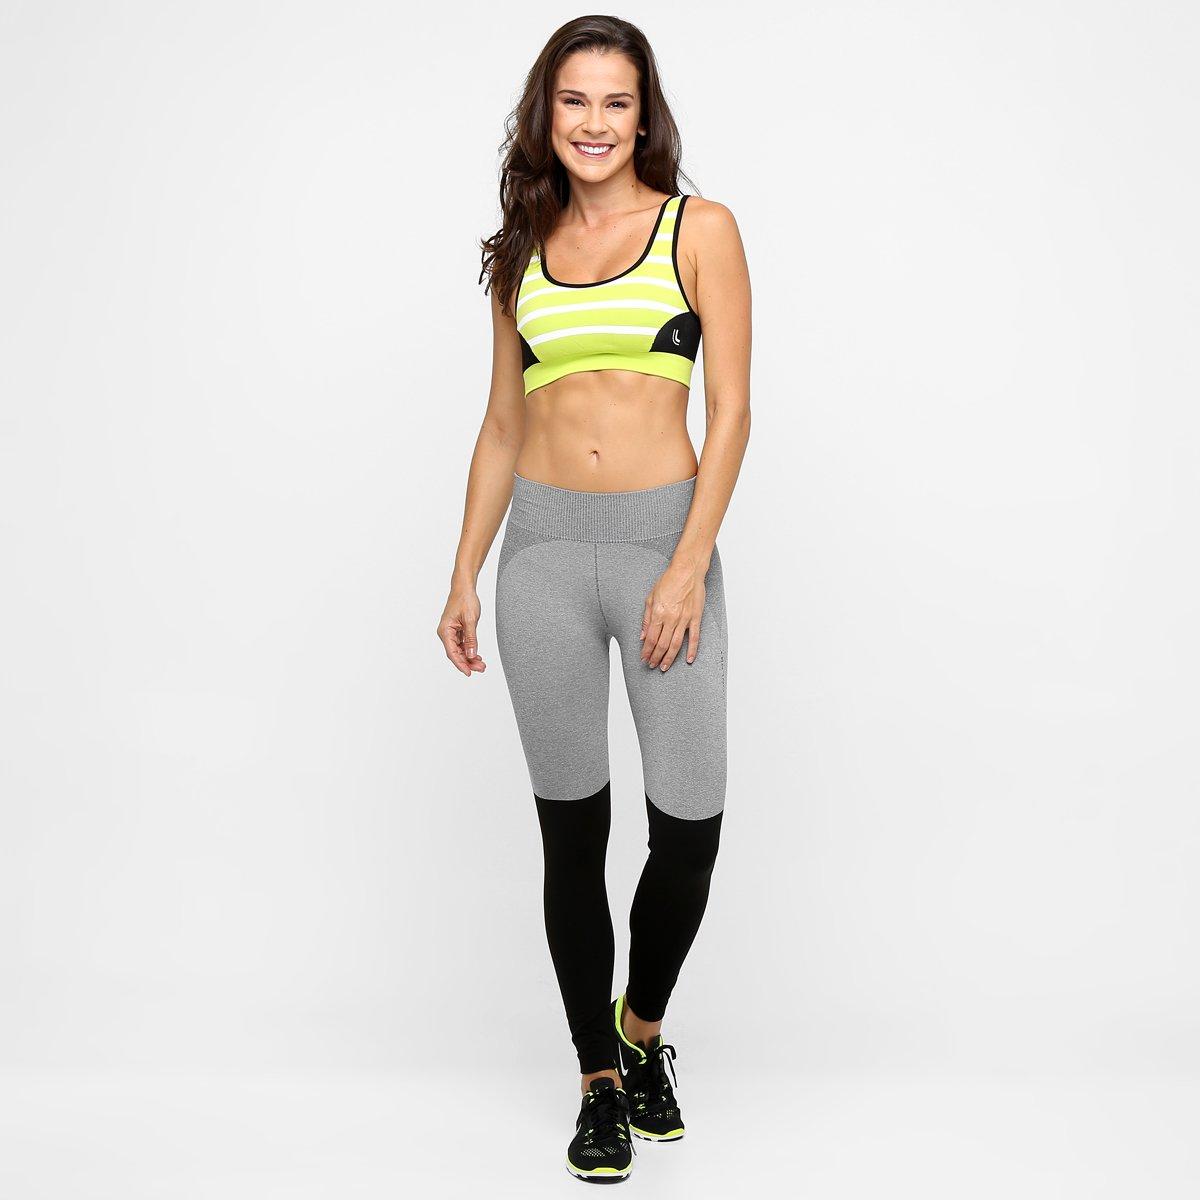 Calça Legging Lupo Sport Workout - Compre Agora  b47f12afc5558